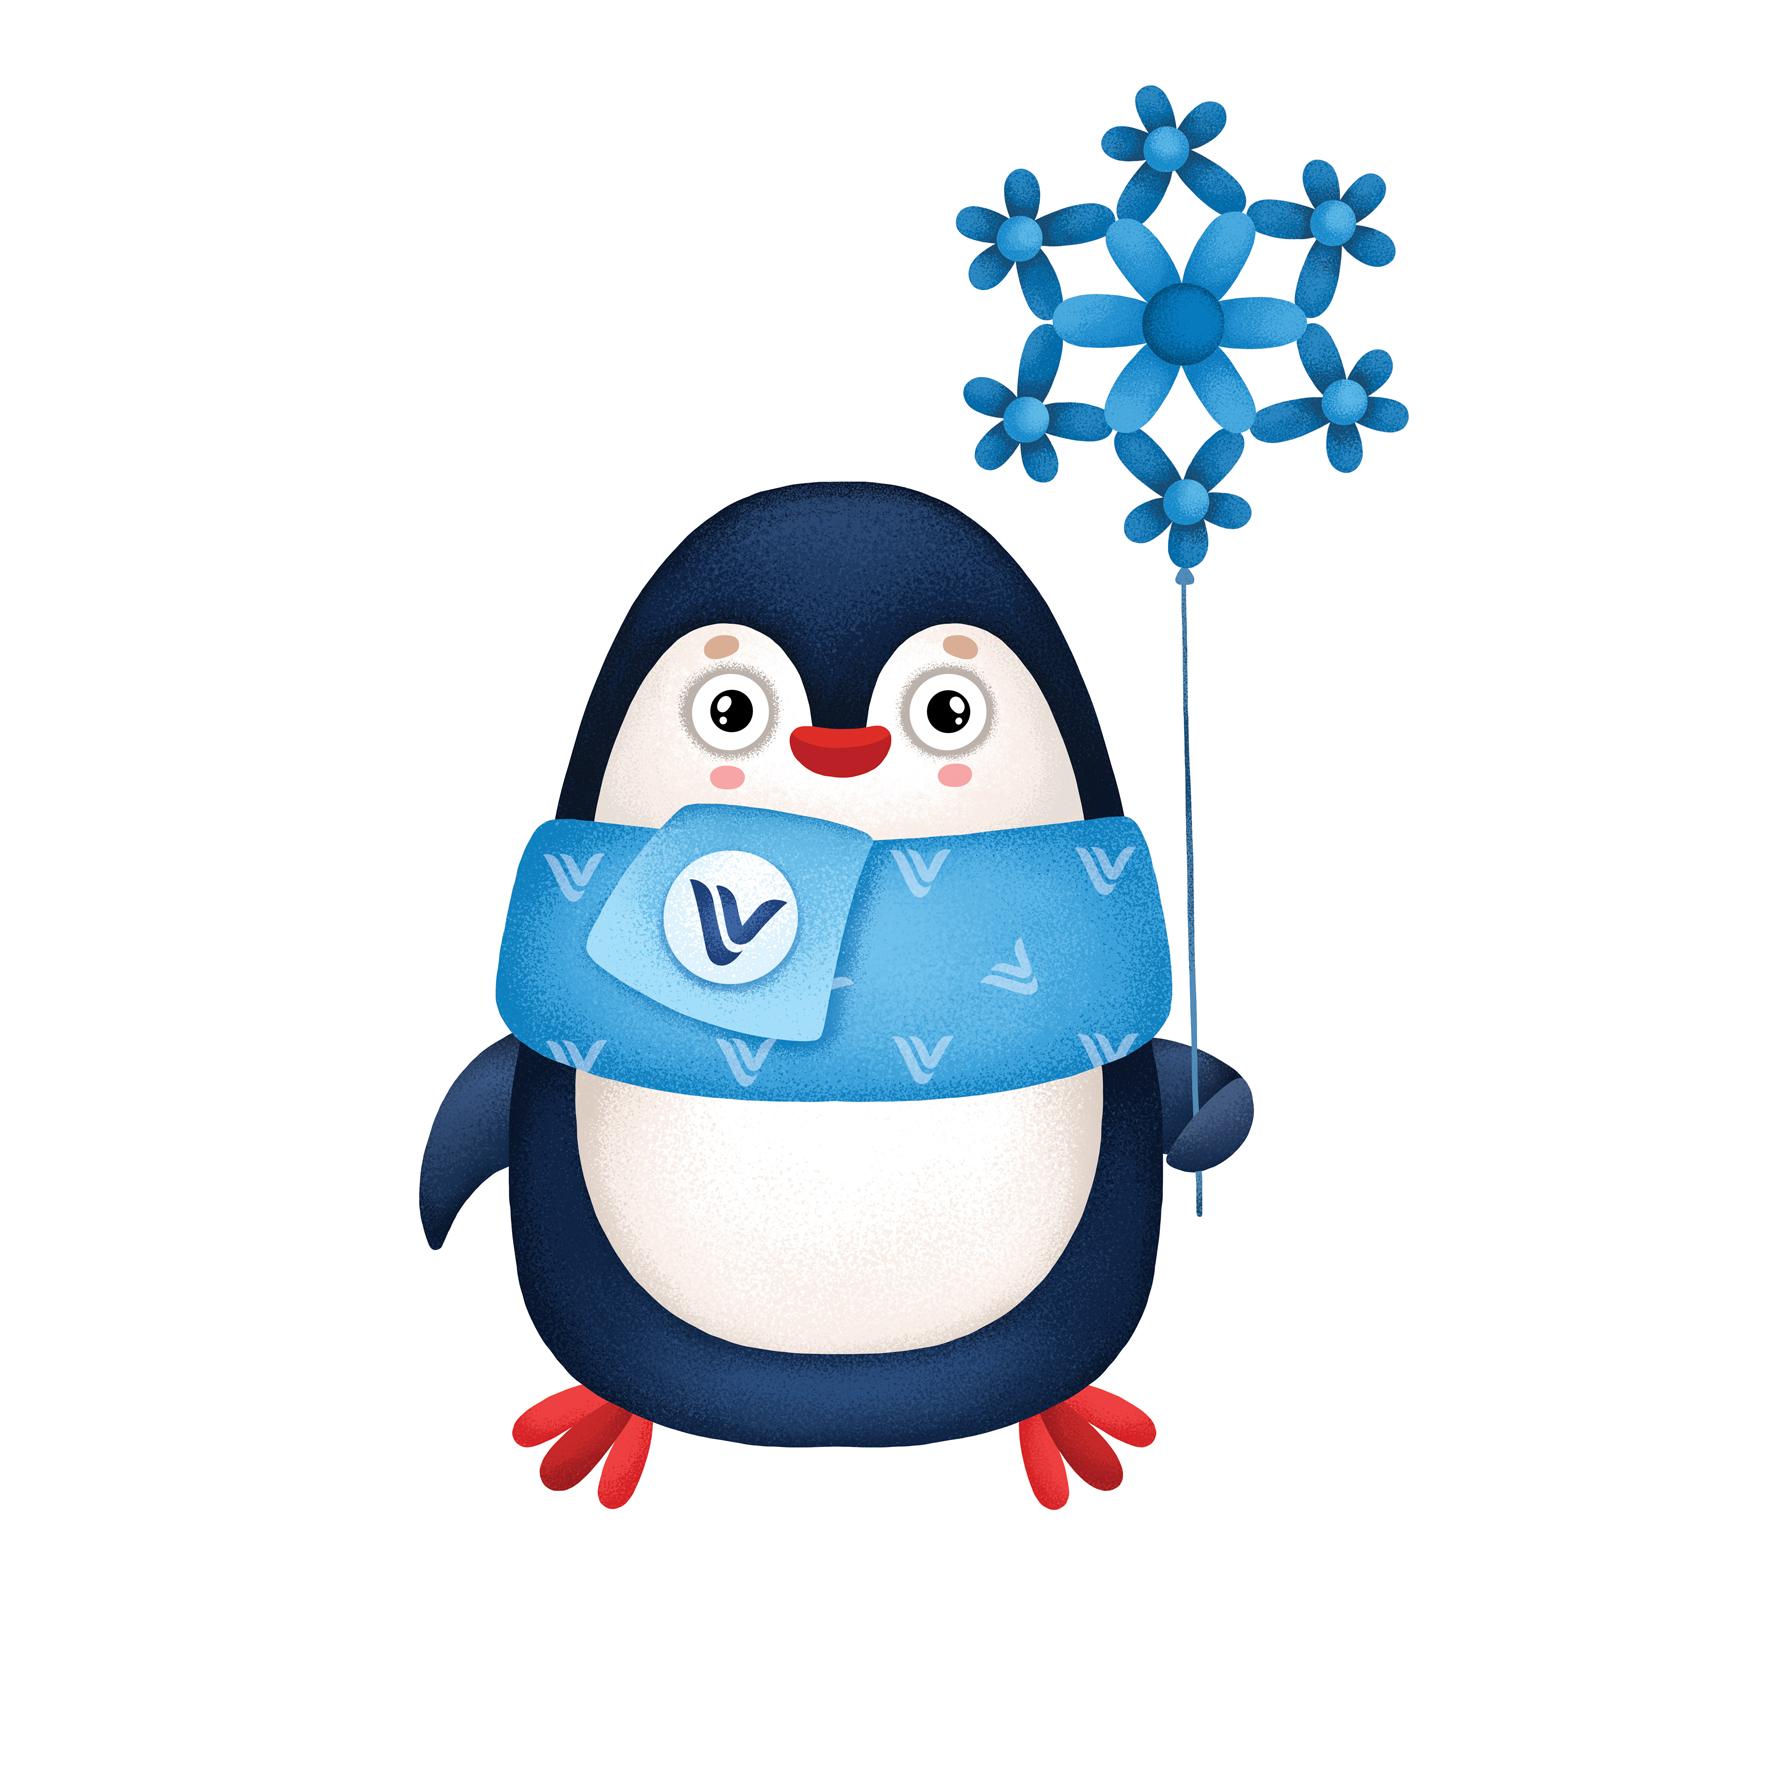 отношения пингвины забавные картинки рисунки получили выше какой-то